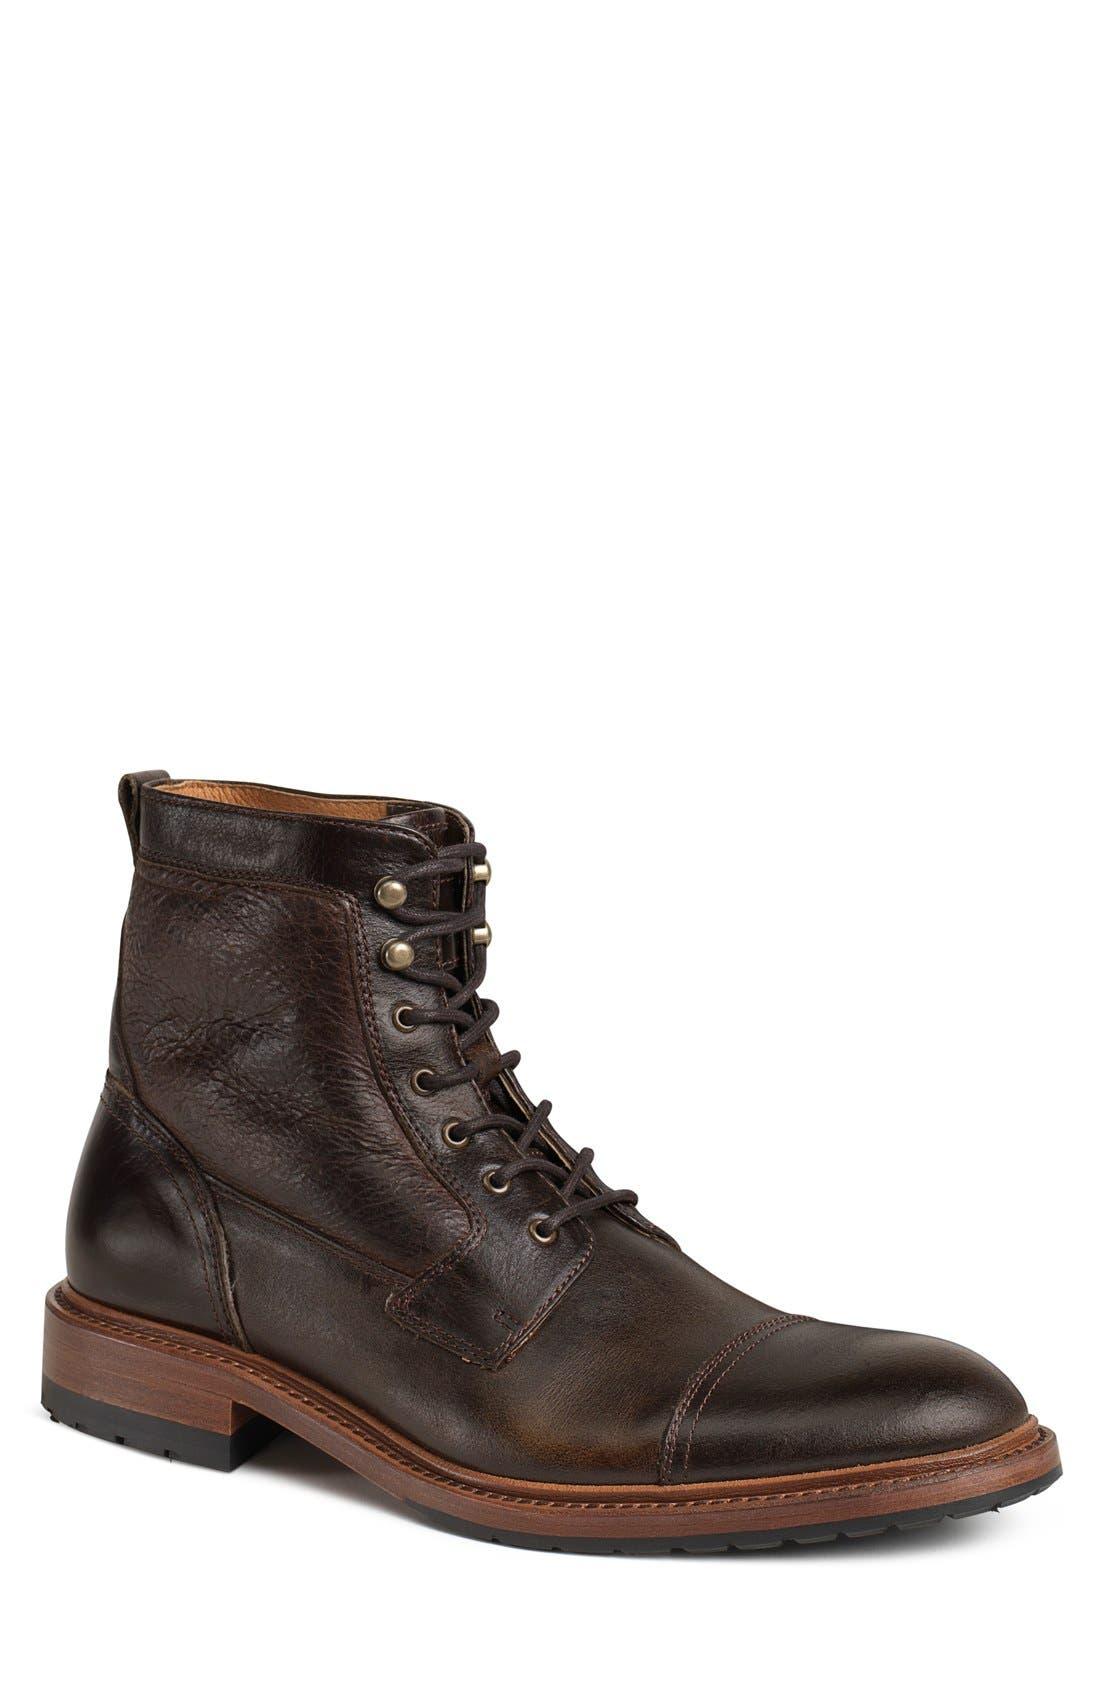 'Lowell' Cap Toe Boot,                         Main,                         color, Dark Brown